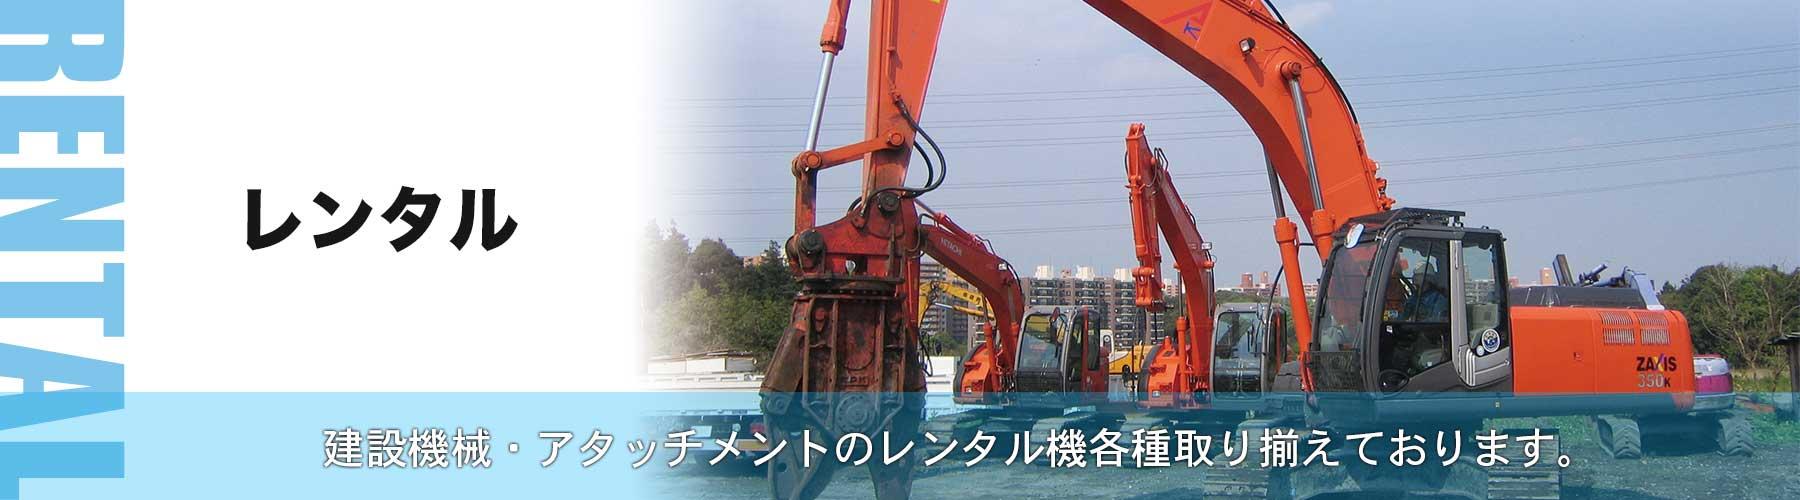 建設機械・アタッチメントのレンタル